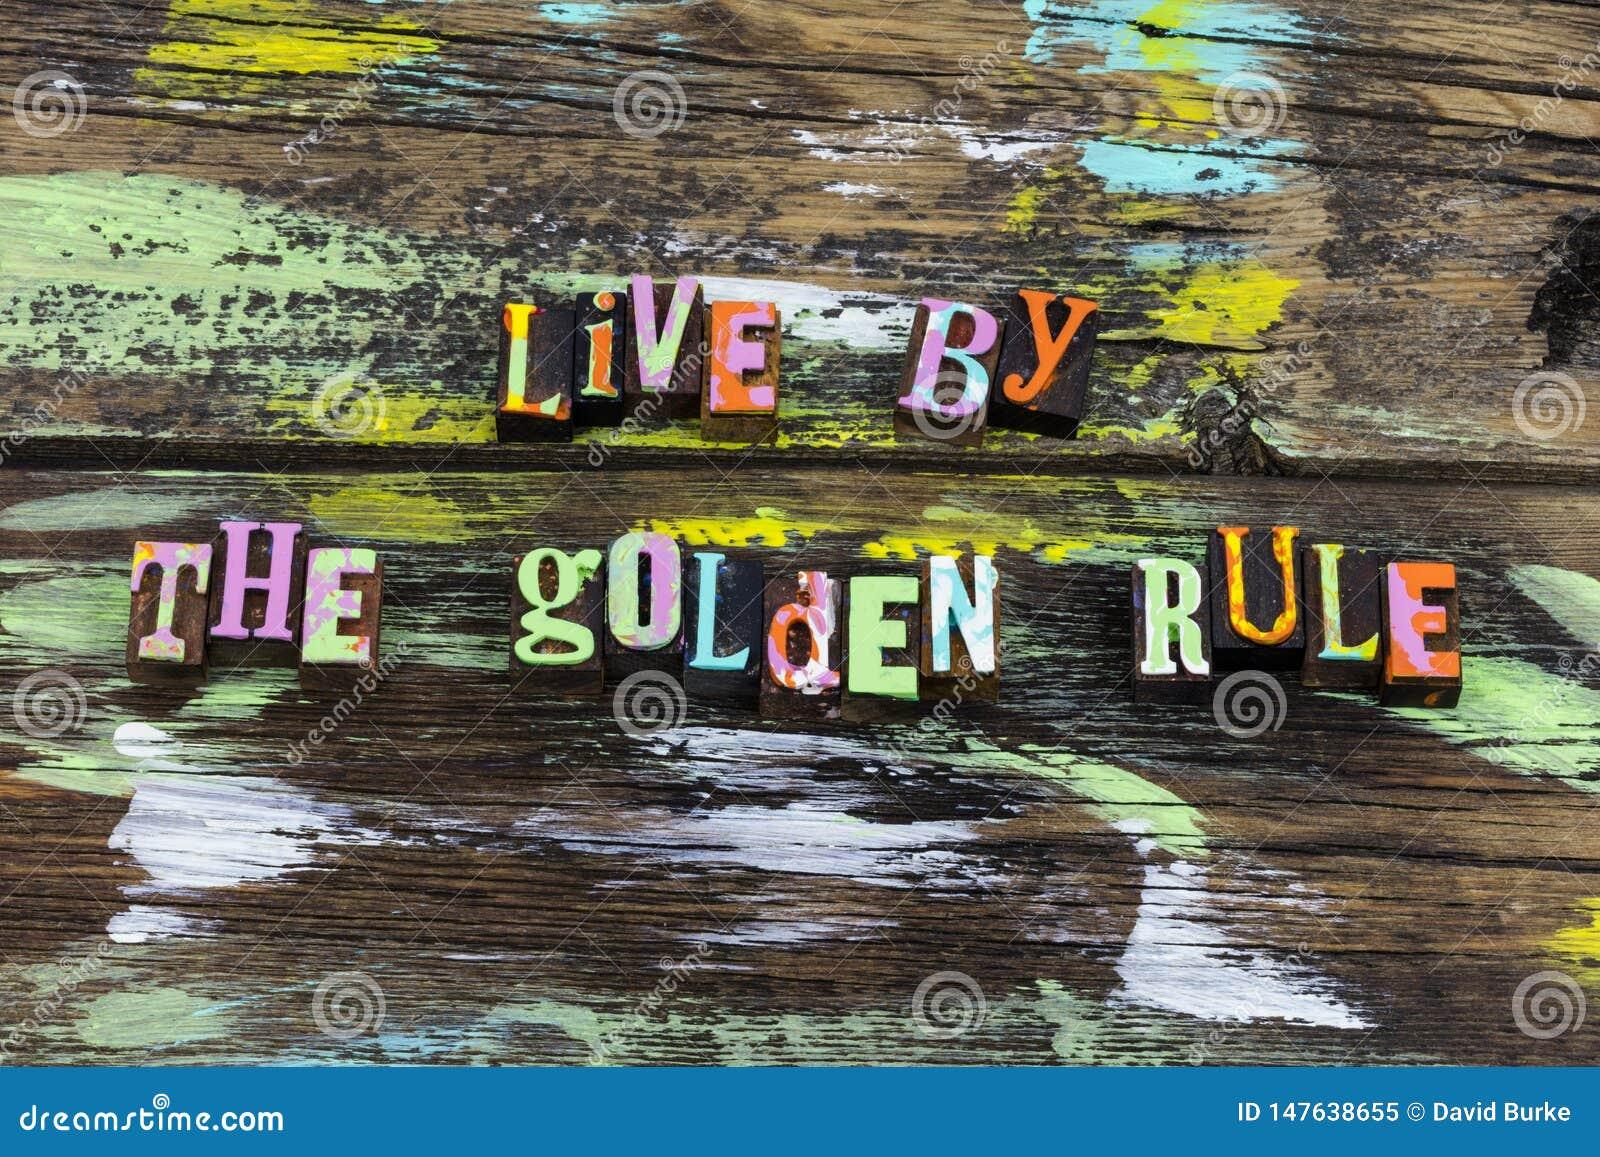 Żywa złota zasada szacuneku miłości pomocy rzetelności życia prawość